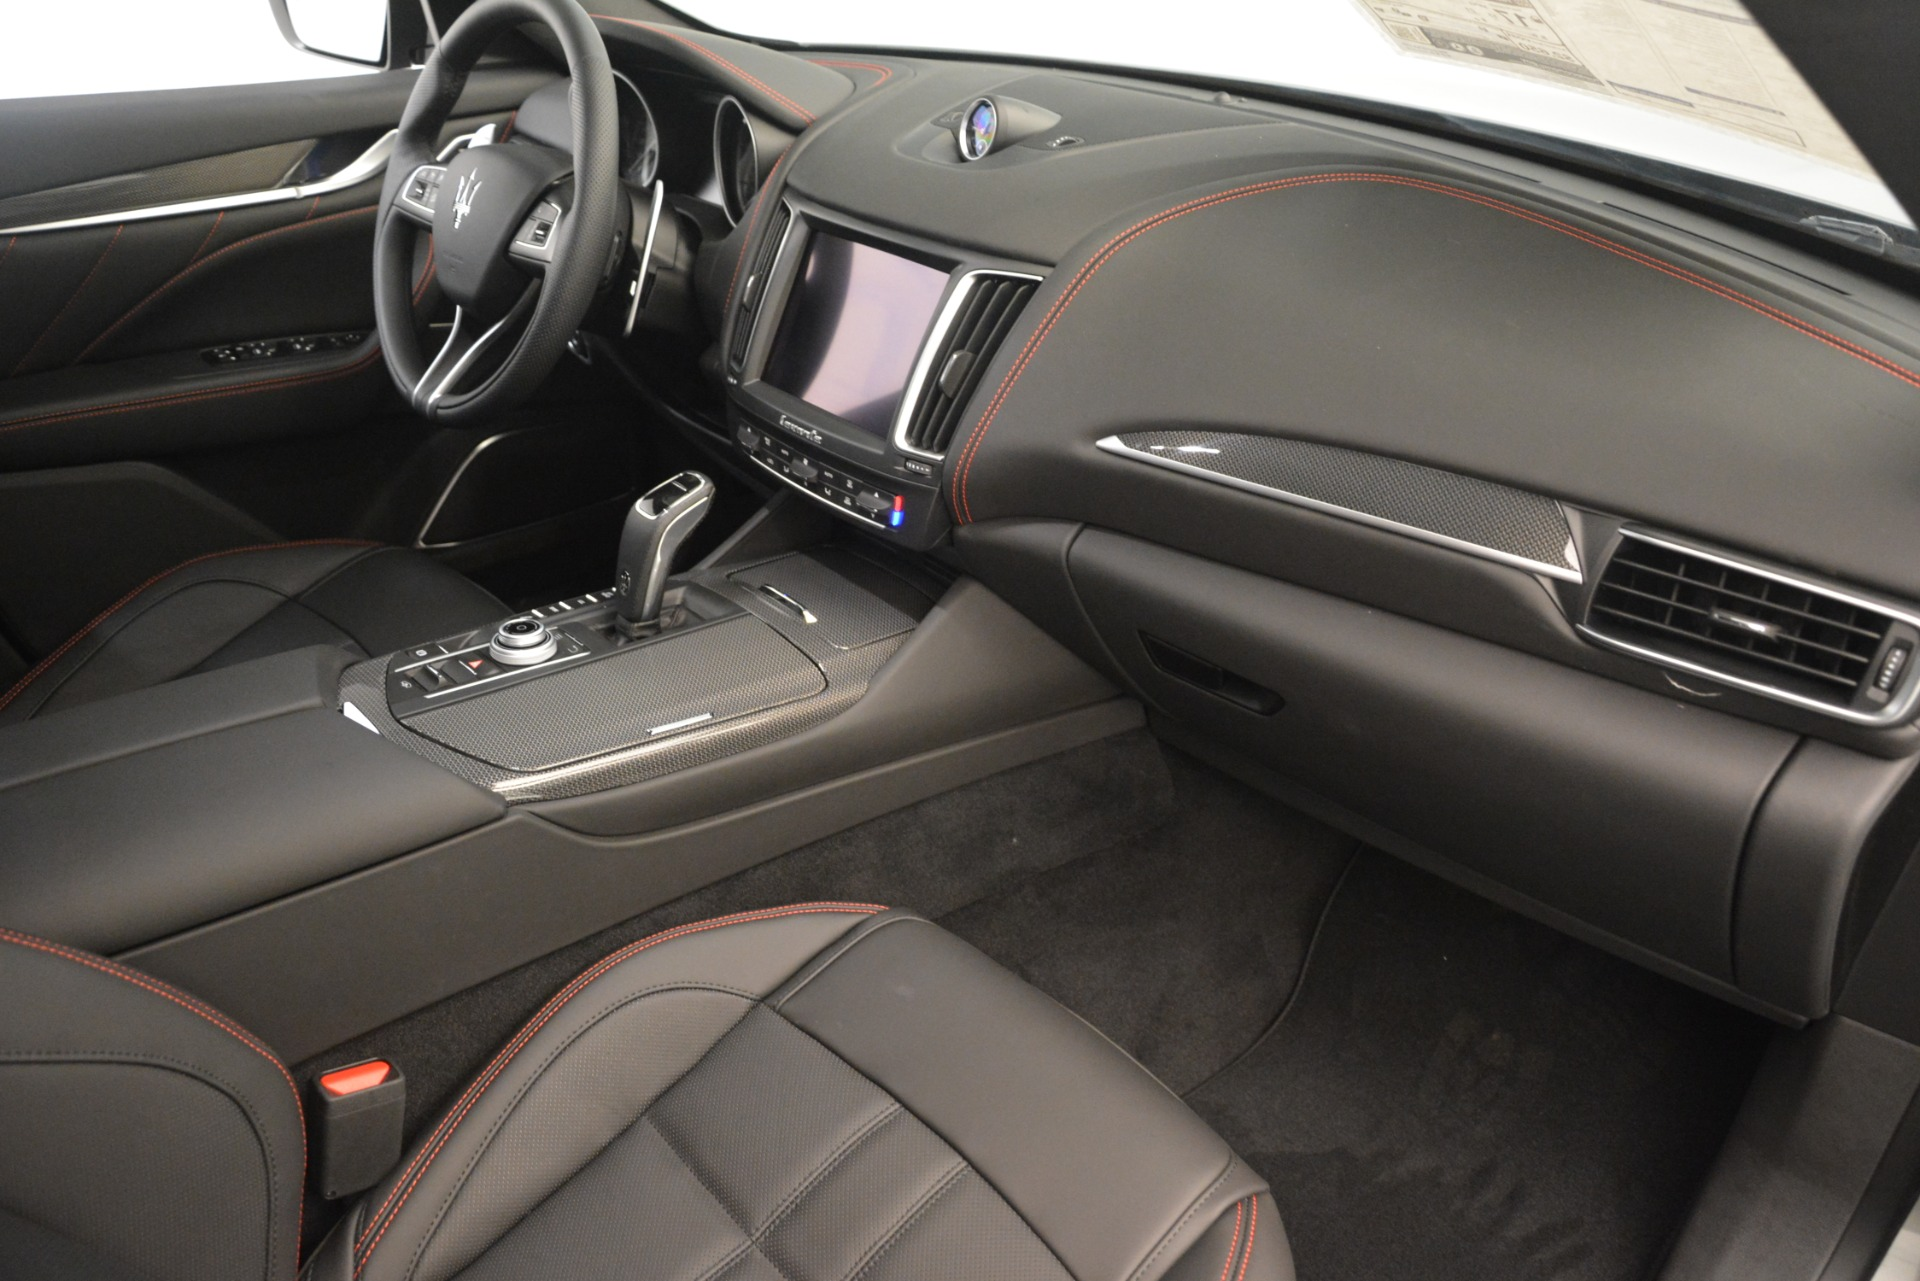 New 2019 Maserati Levante SQ4 GranSport Nerissimo For Sale 102705 In Greenwich, CT